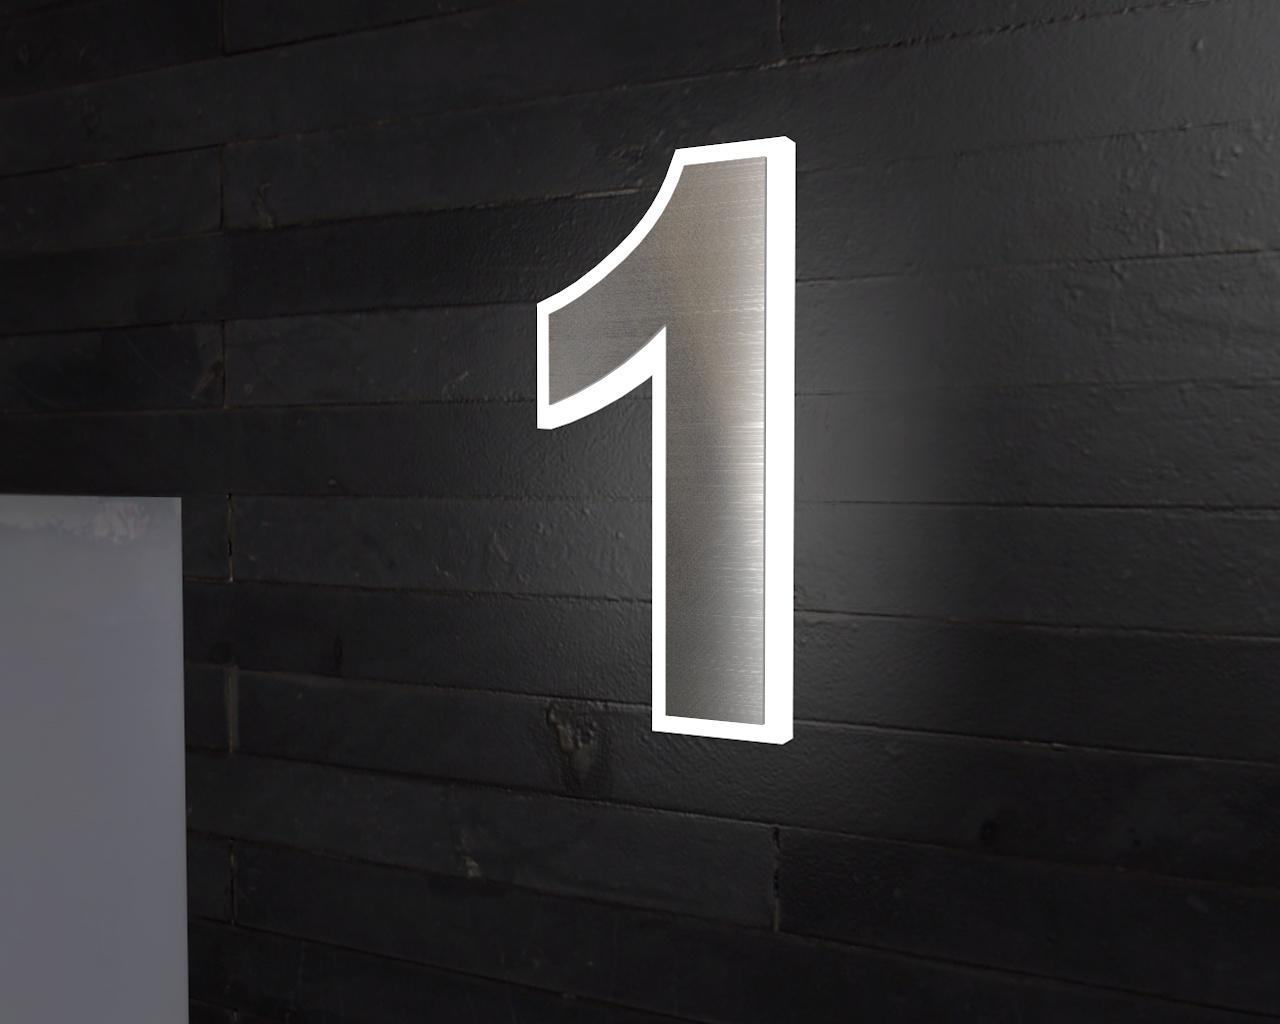 Edelstahl Hausnummer | Beleuchtete-Led Edelstahl-Hausnummer 1